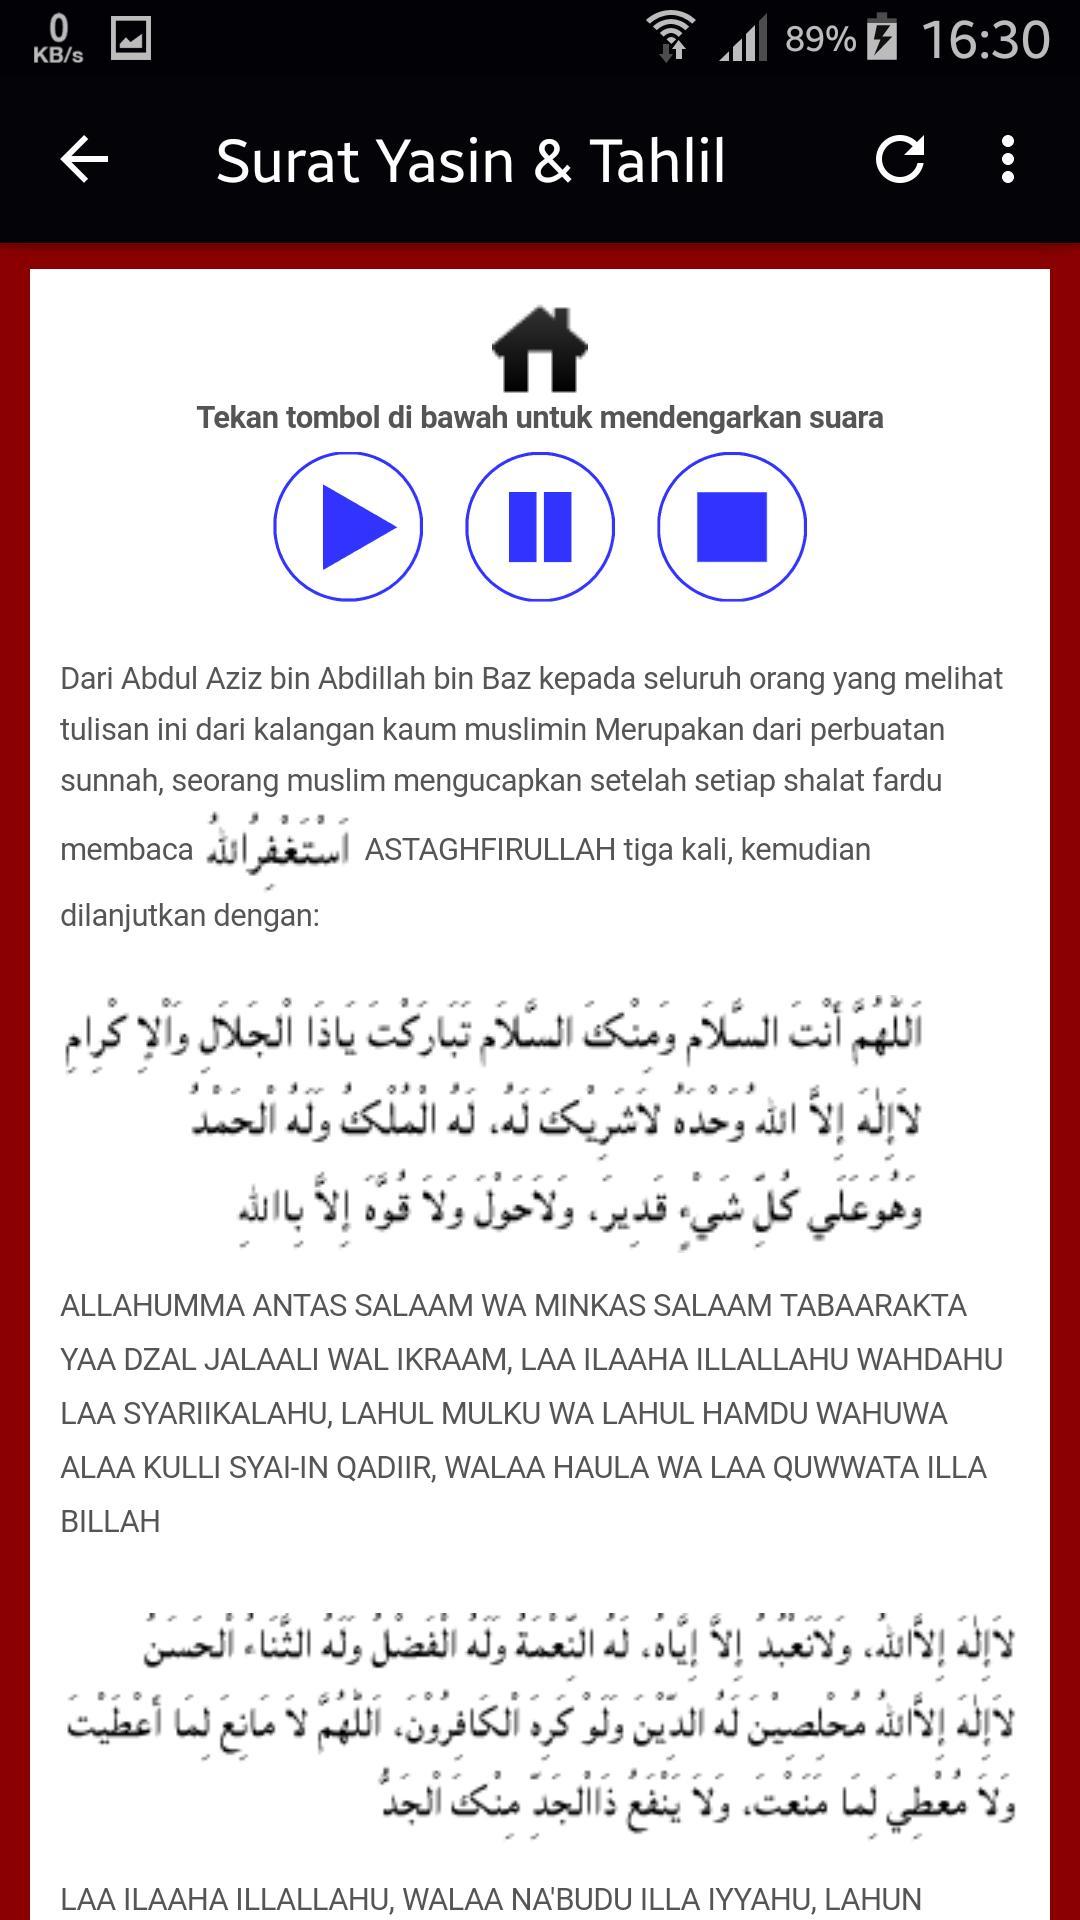 Surat Yasin Latin Terjemah Audio Dzikir Tahlil Doa For